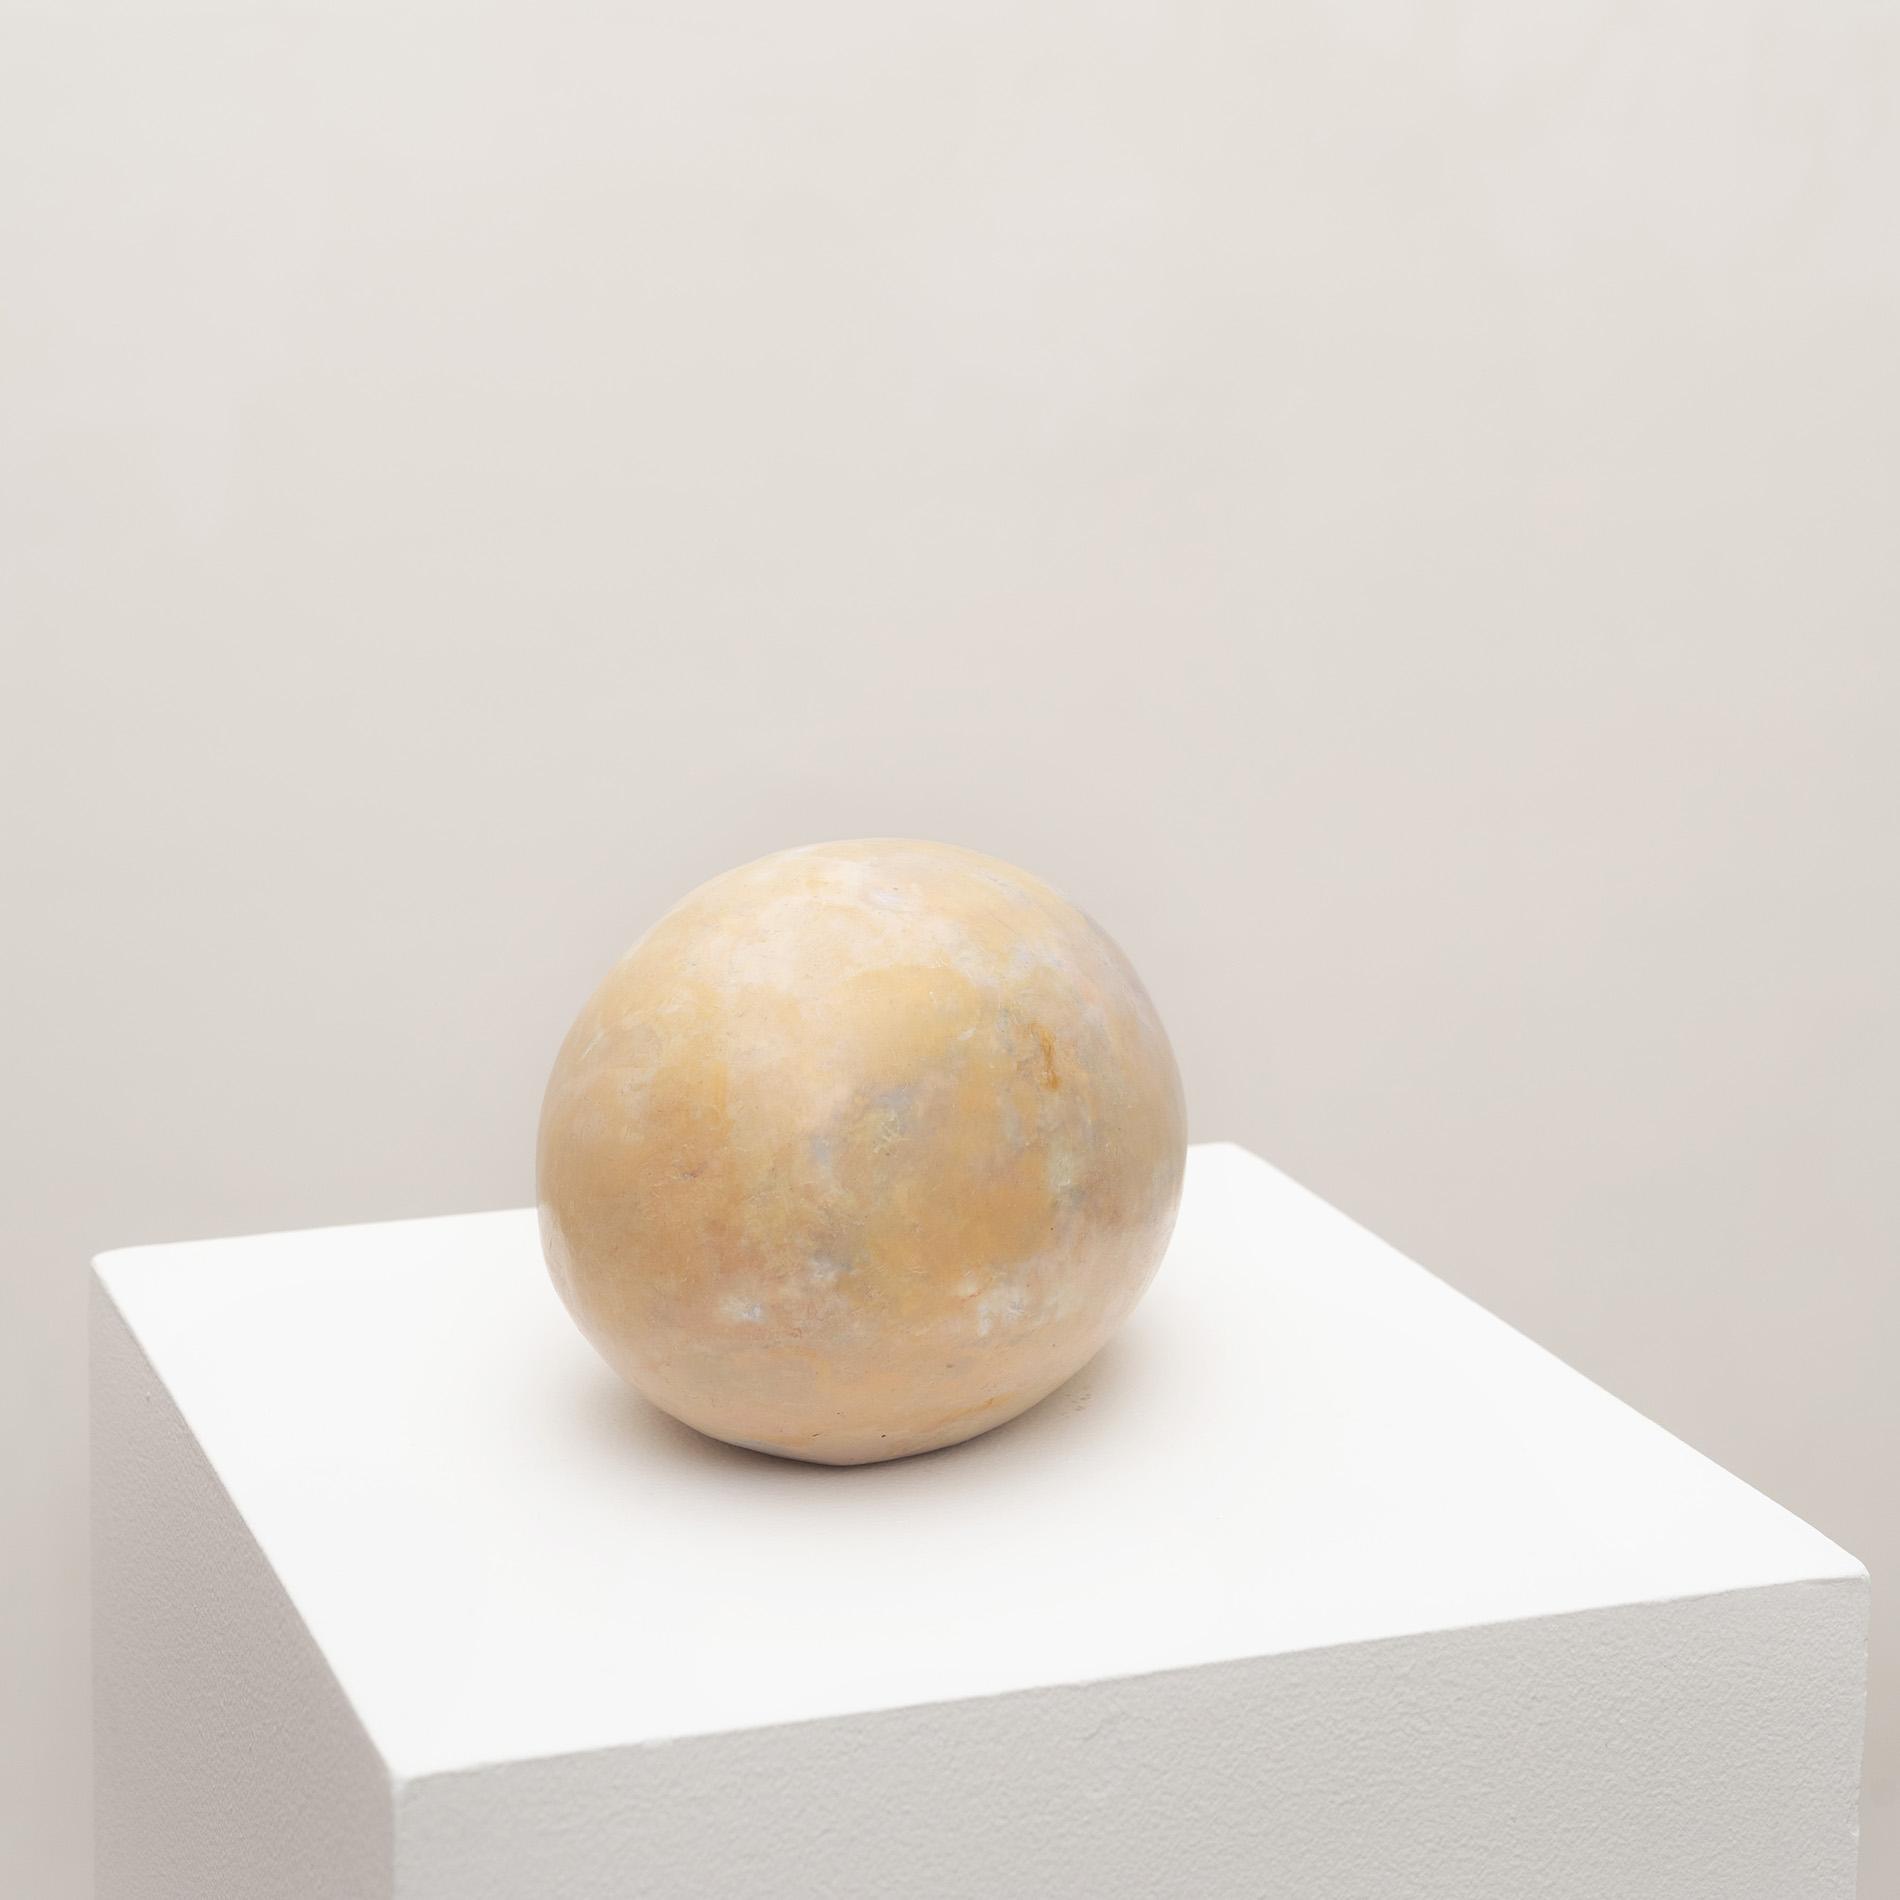 Léonore Bienert | How Do You Like Your Eggs? (Sculputre) 2021